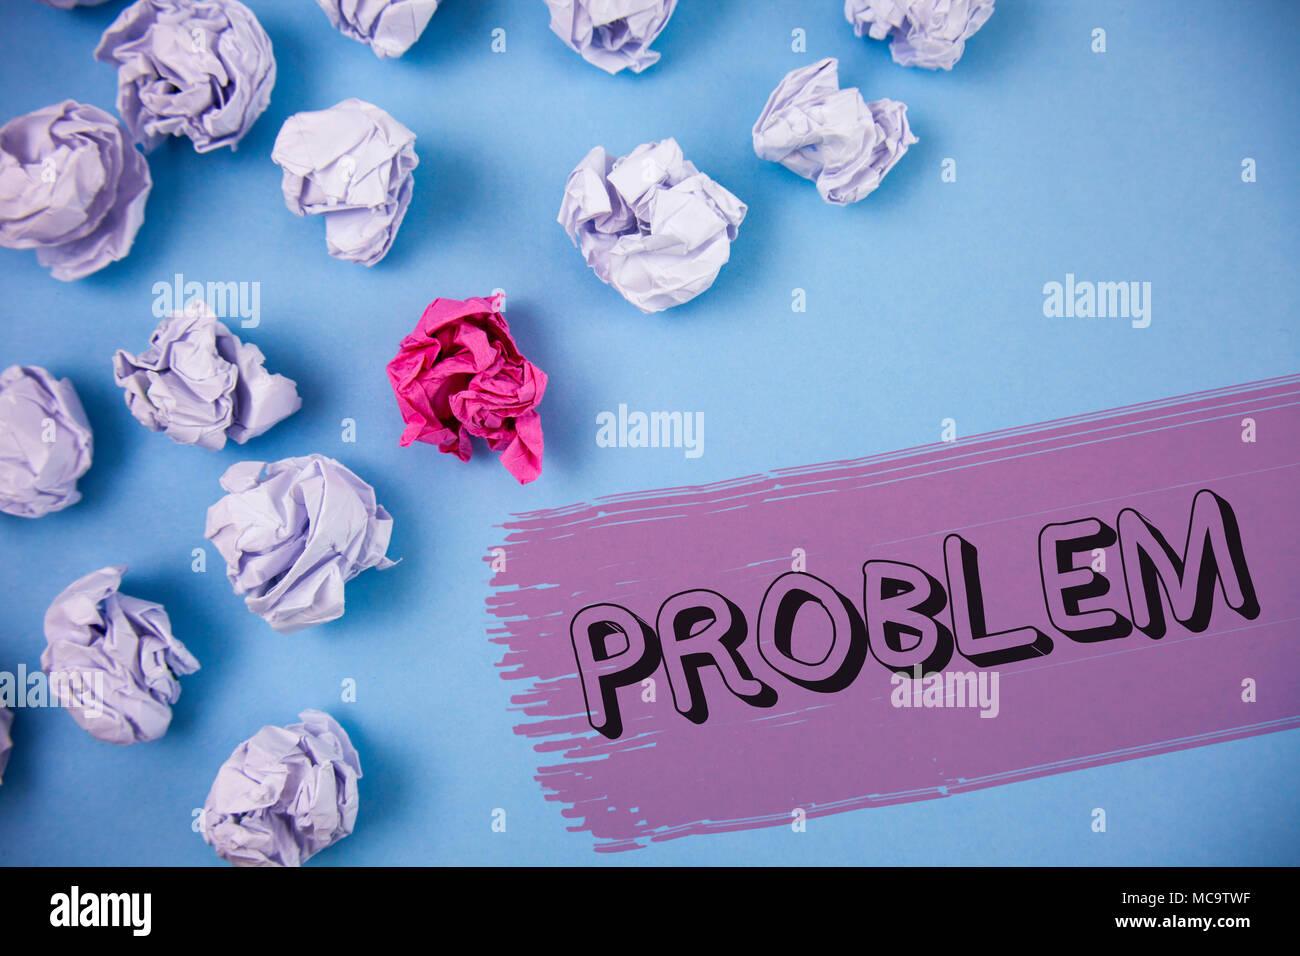 Parola di scrittura di testo problema. Il concetto di business per problemi che devono essere risolti situazione difficile complicazione scritto il dipinto crumple di sfondo Immagini Stock